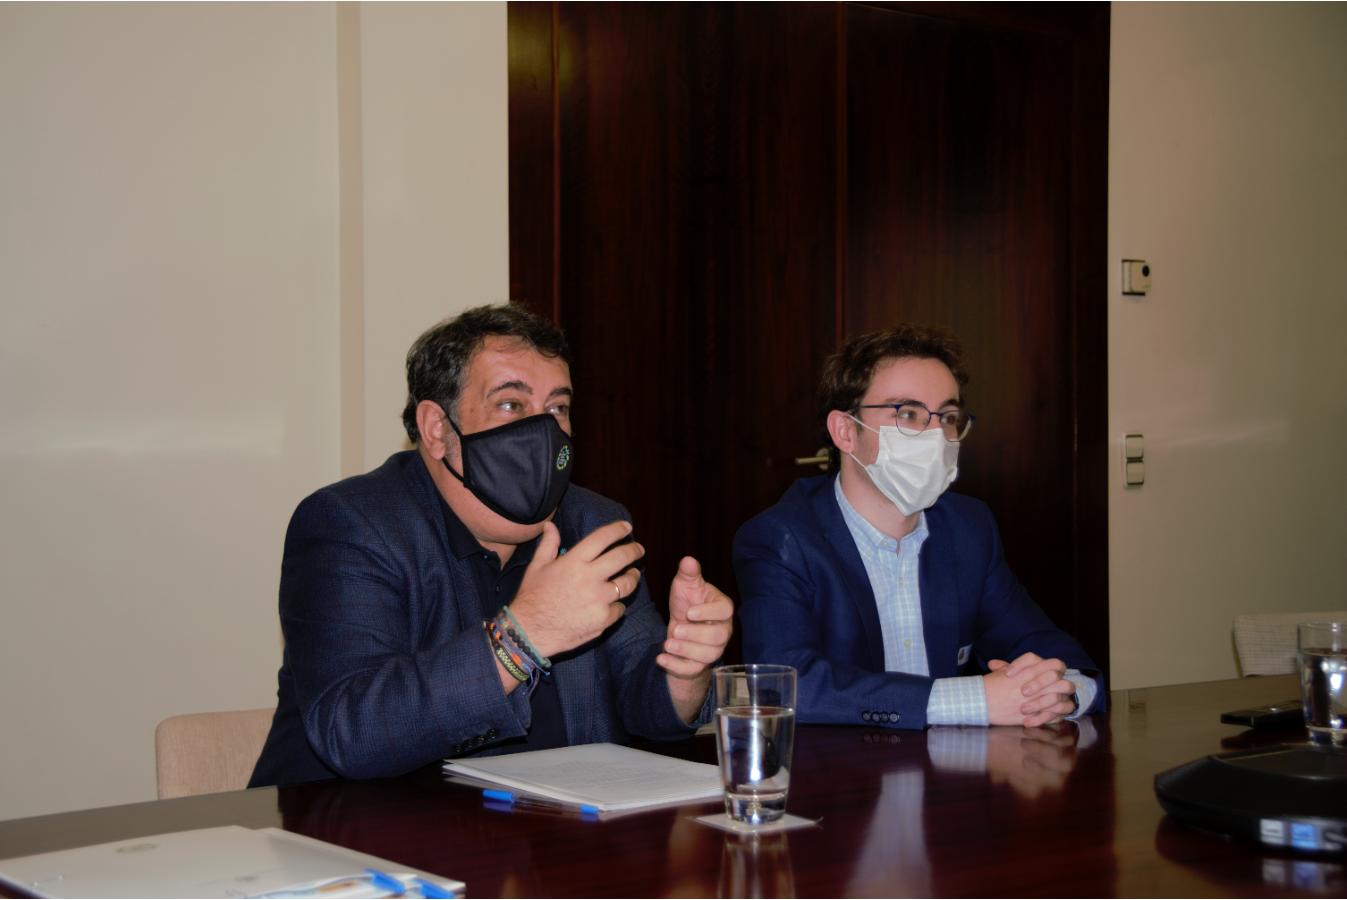 El alto comisionado, Ernesto Gasco, y el presidente de la Plataforma de Infancia, Carles López